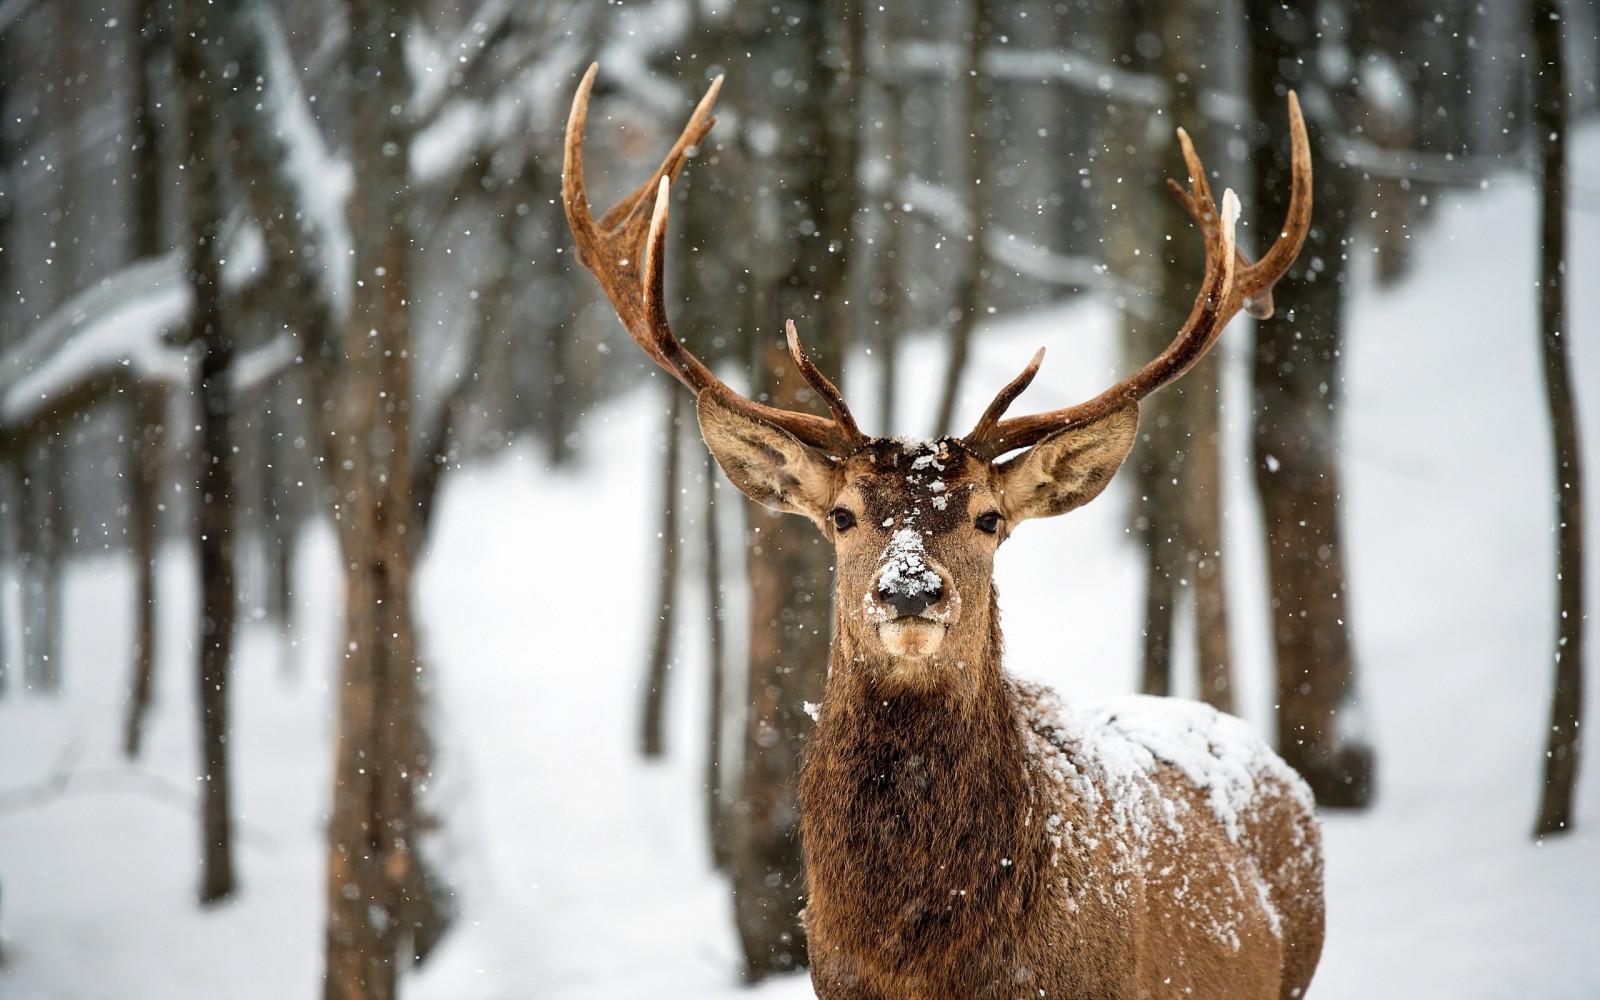 Fond d 39 cran animaux la nature neige hiver faune for Fond ecran hiver animaux